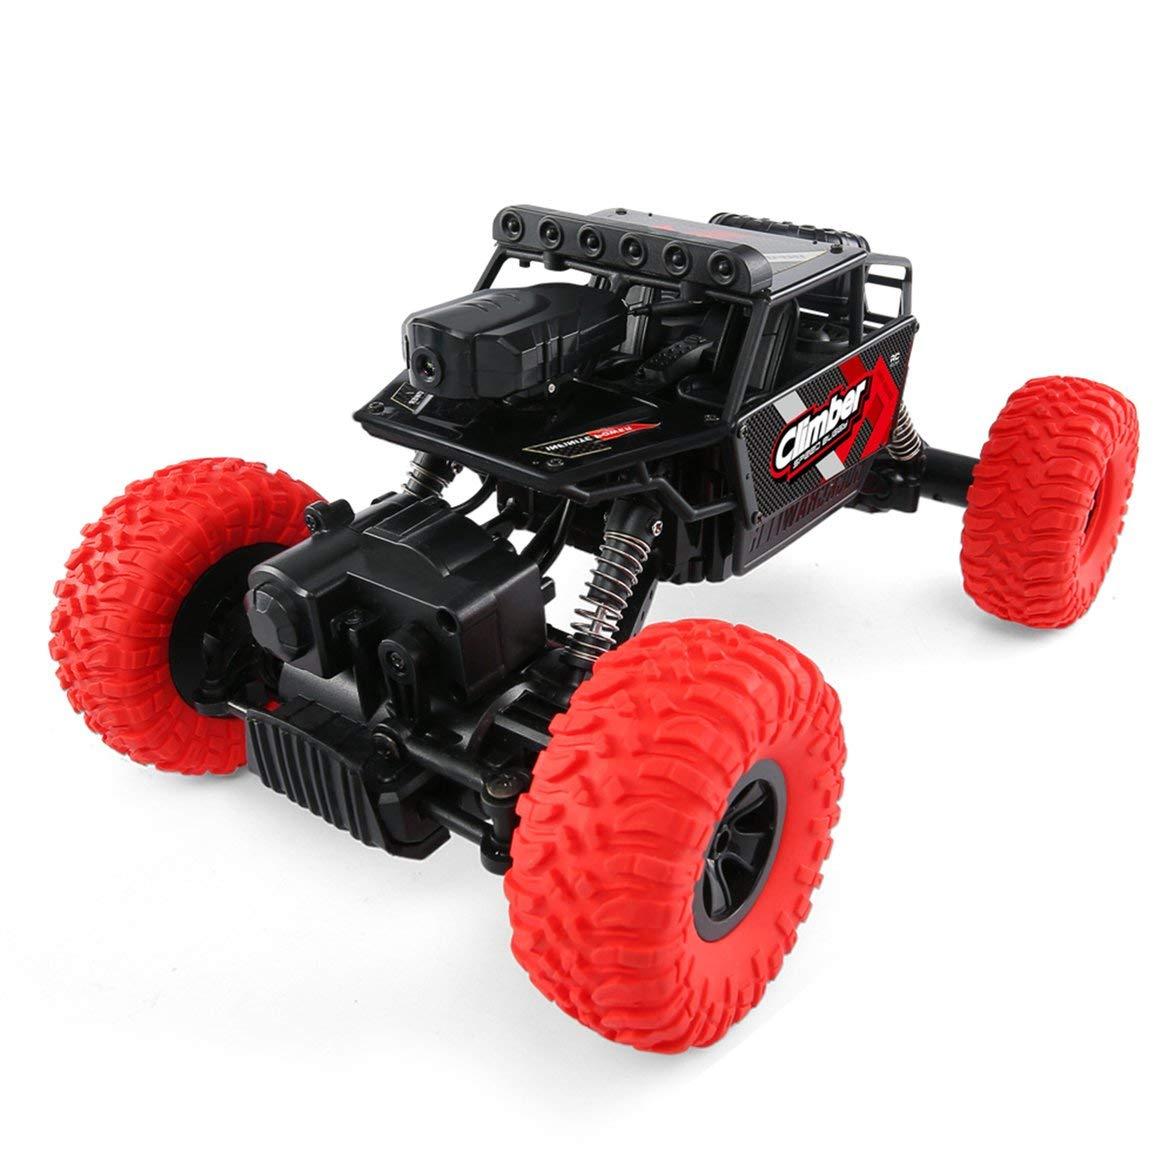 Kongqiabona Q45 RC Auto da Corsa 4WD 2.4GHz Mini Fuoristrada Veicolo ad Alta velocità Giocattolo a Distanza con WiFi FPV Camera per Bambini